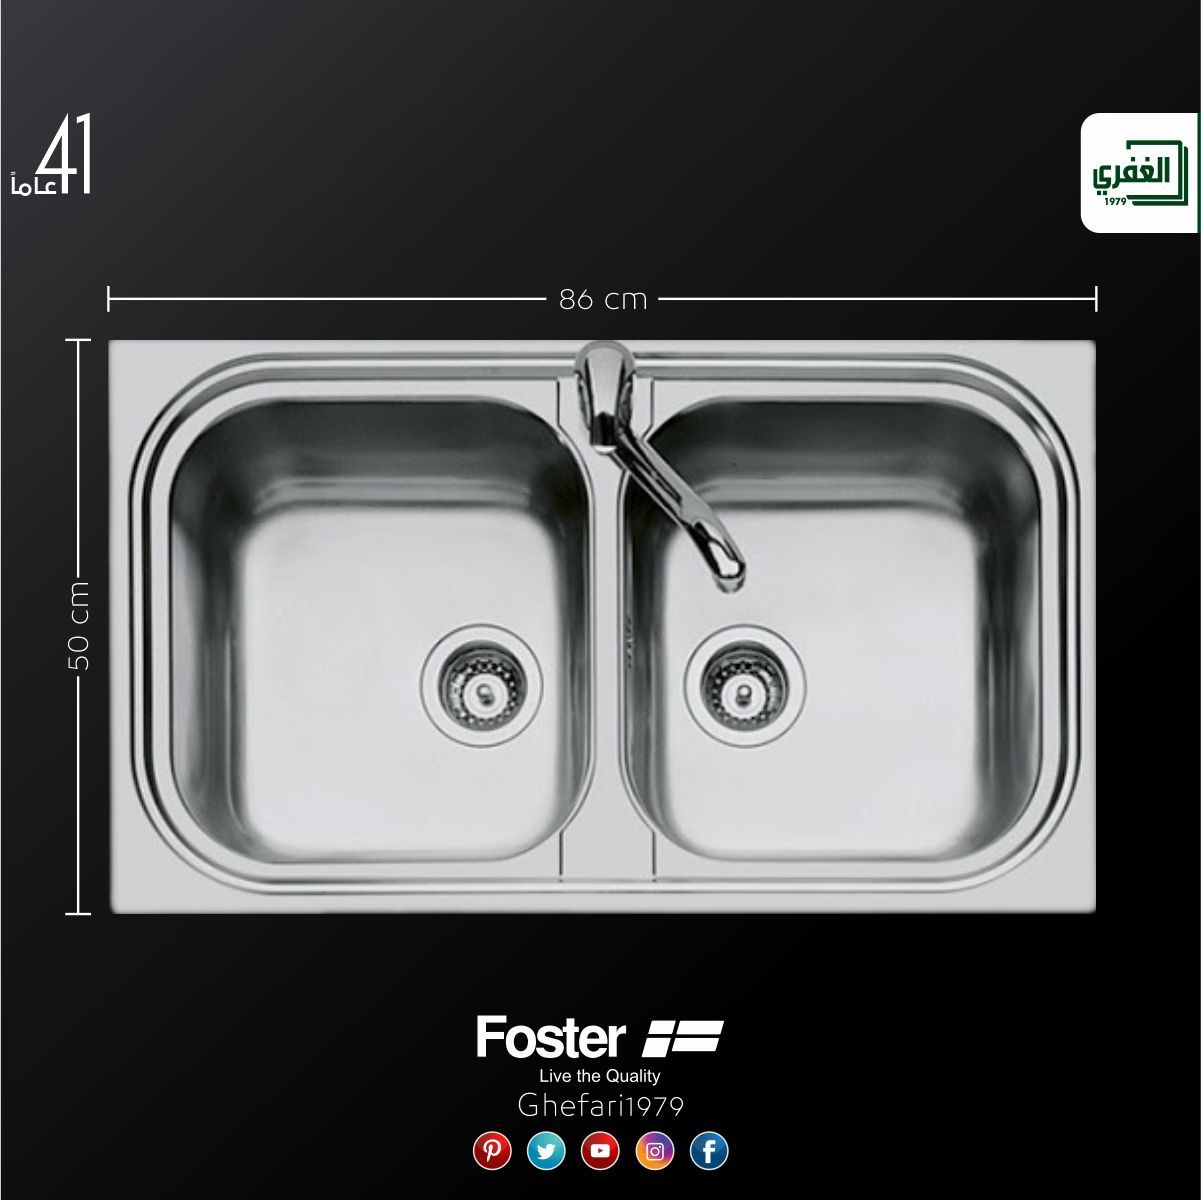 من شركة Foster حوض مطبخ ايطالي Foster استانلس استيل 304 مفرد مقاس 86x50cm للمزيد زورونا على موقع الشركة Https Www Ghefari Co Home Decor Sink Decor